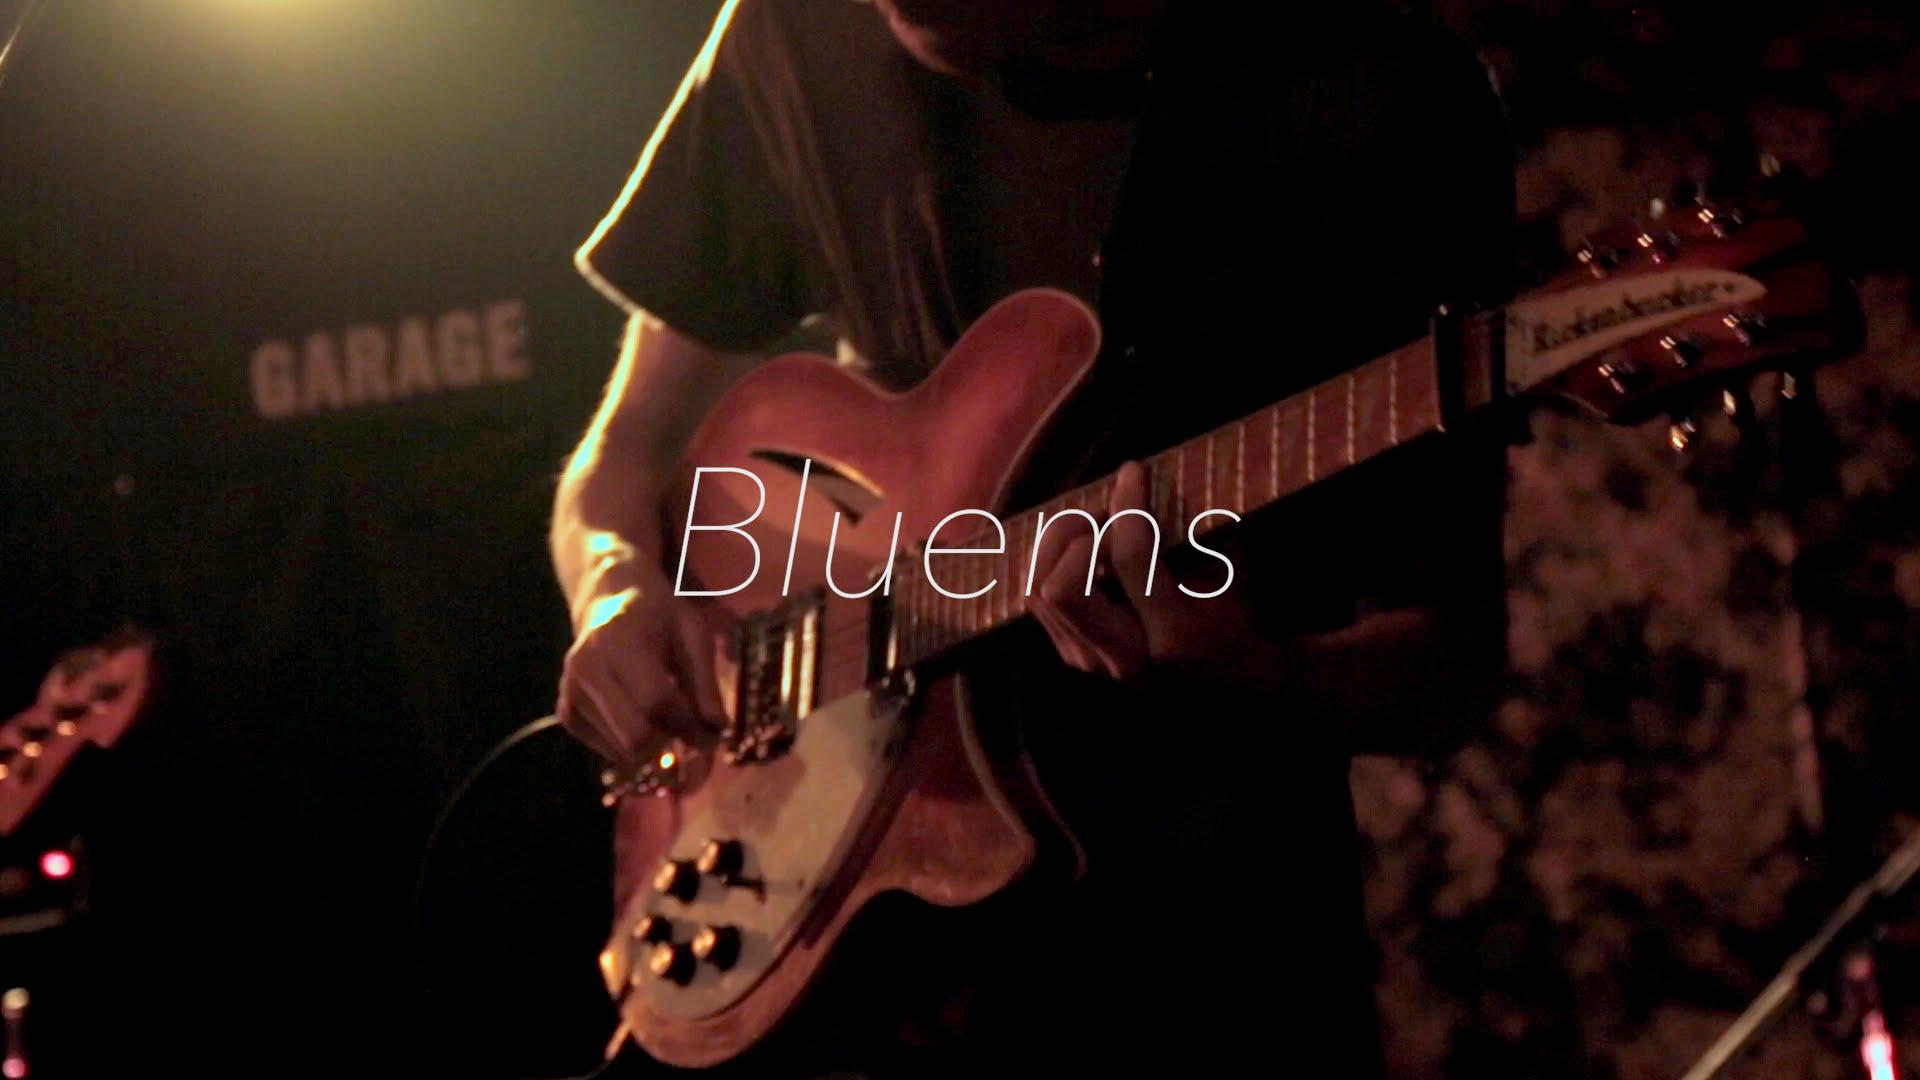 東京の5人組新鋭バンド Bluems、下北沢 GARAGE で行われた「ビターズ・エンド」のパフォーマンス映像が公開!